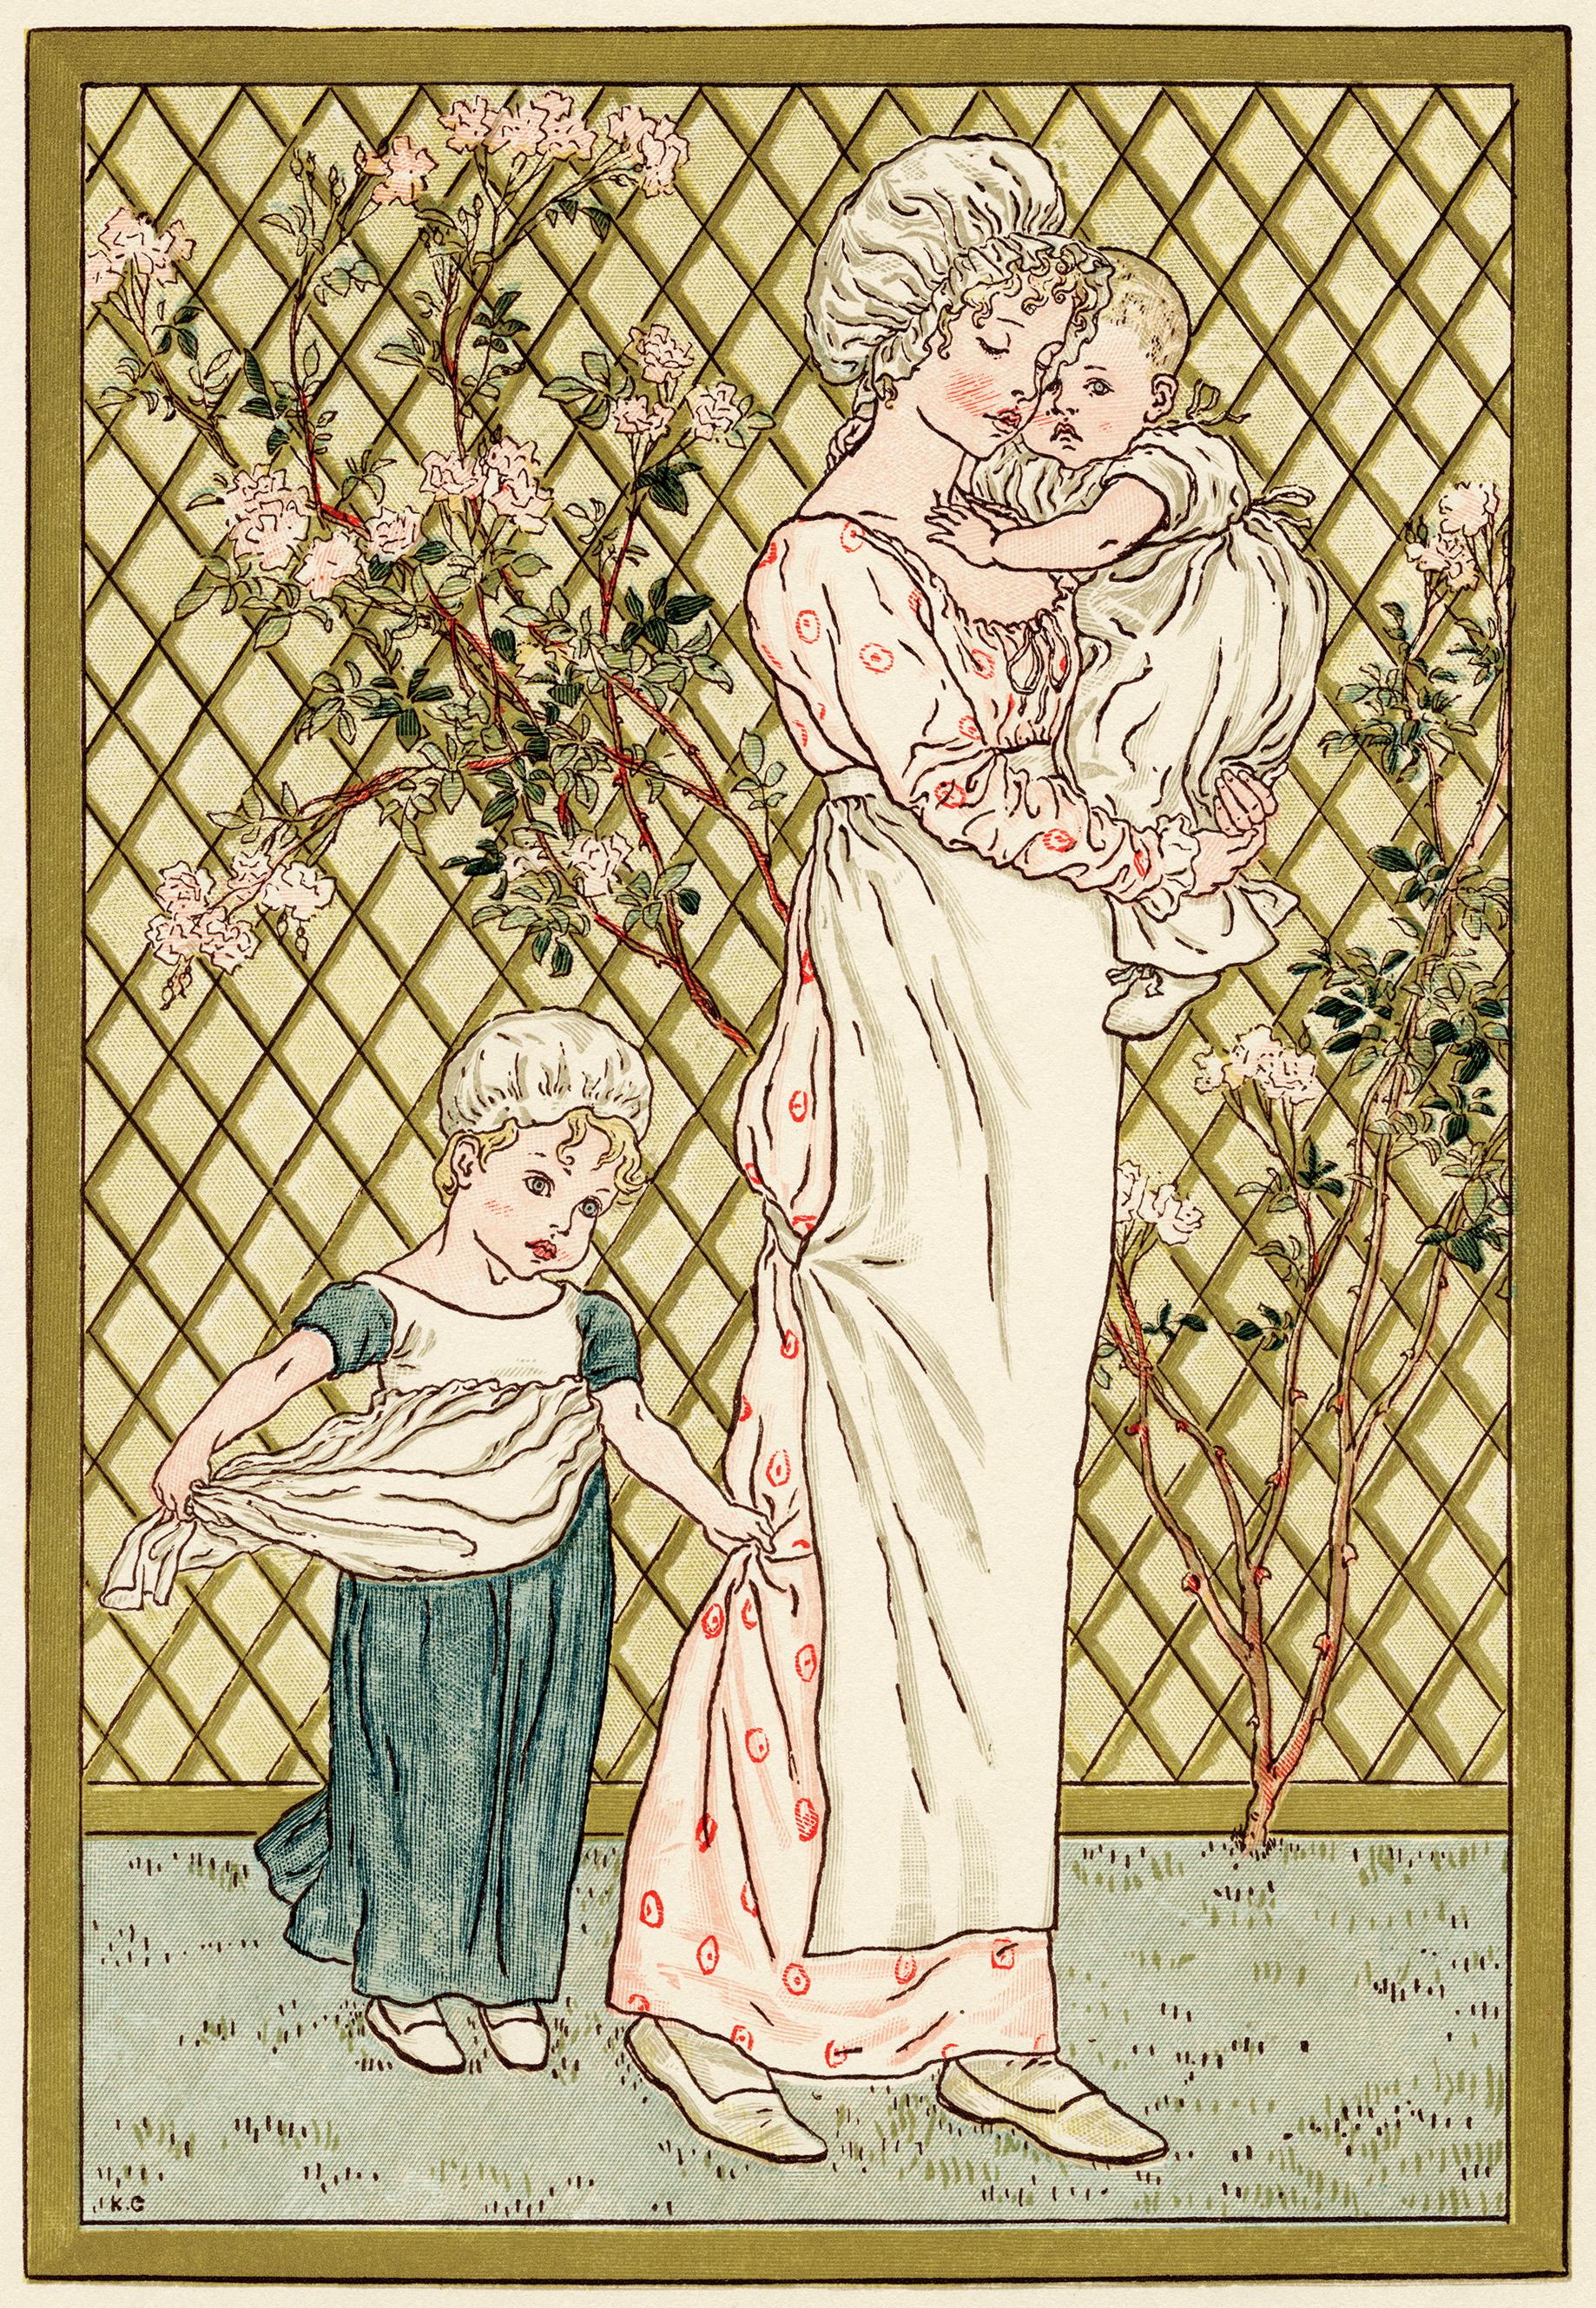 Мать и дети Кейт Гринуэй - рисунок с изображением матери и двух детей